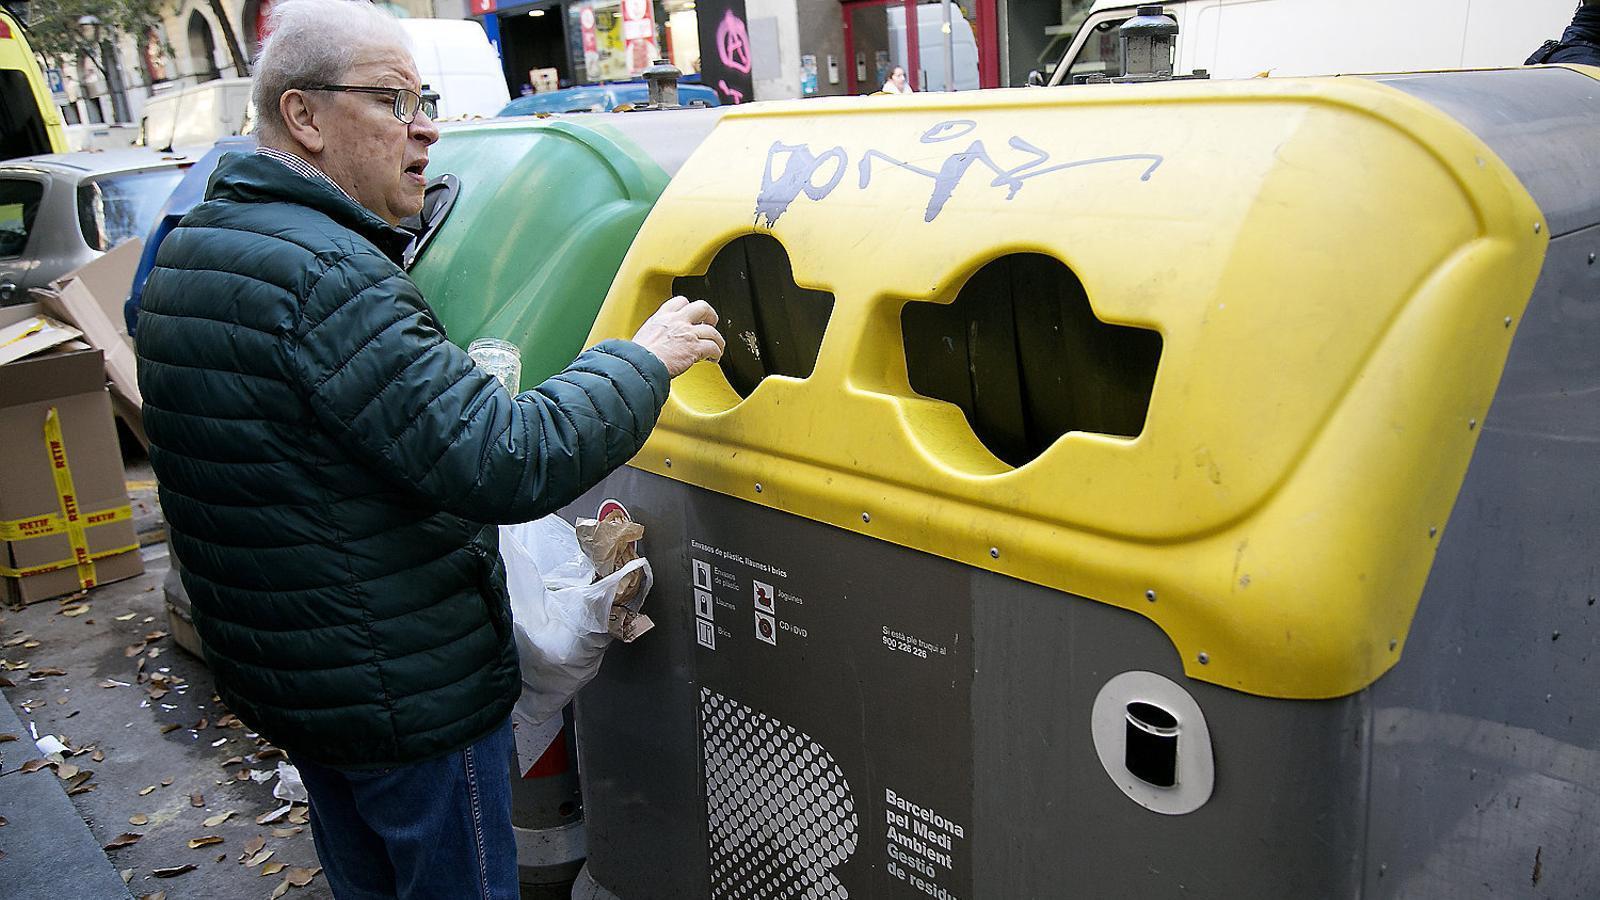 Barcelona cobrarà per primer cop una taxa de recollida selectiva d'entre 2 i 4 euros al mes